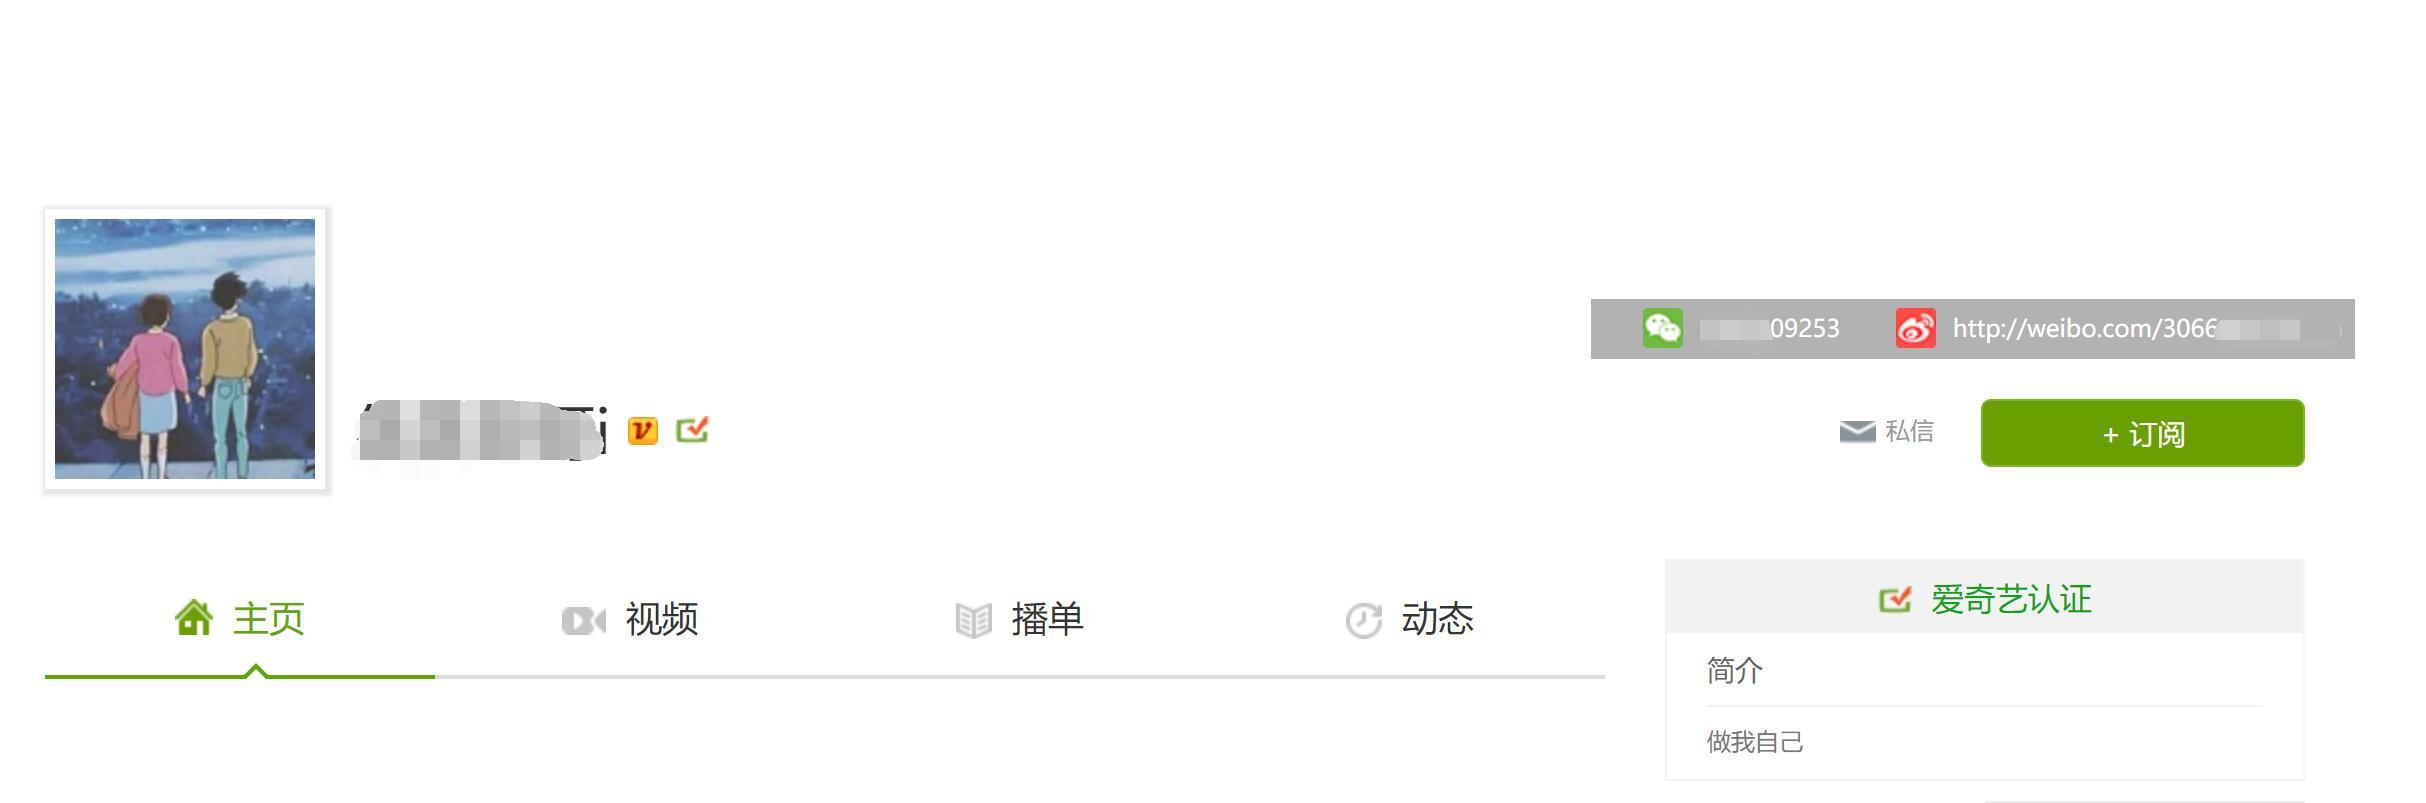 �卞��轰釜浜洪〉��